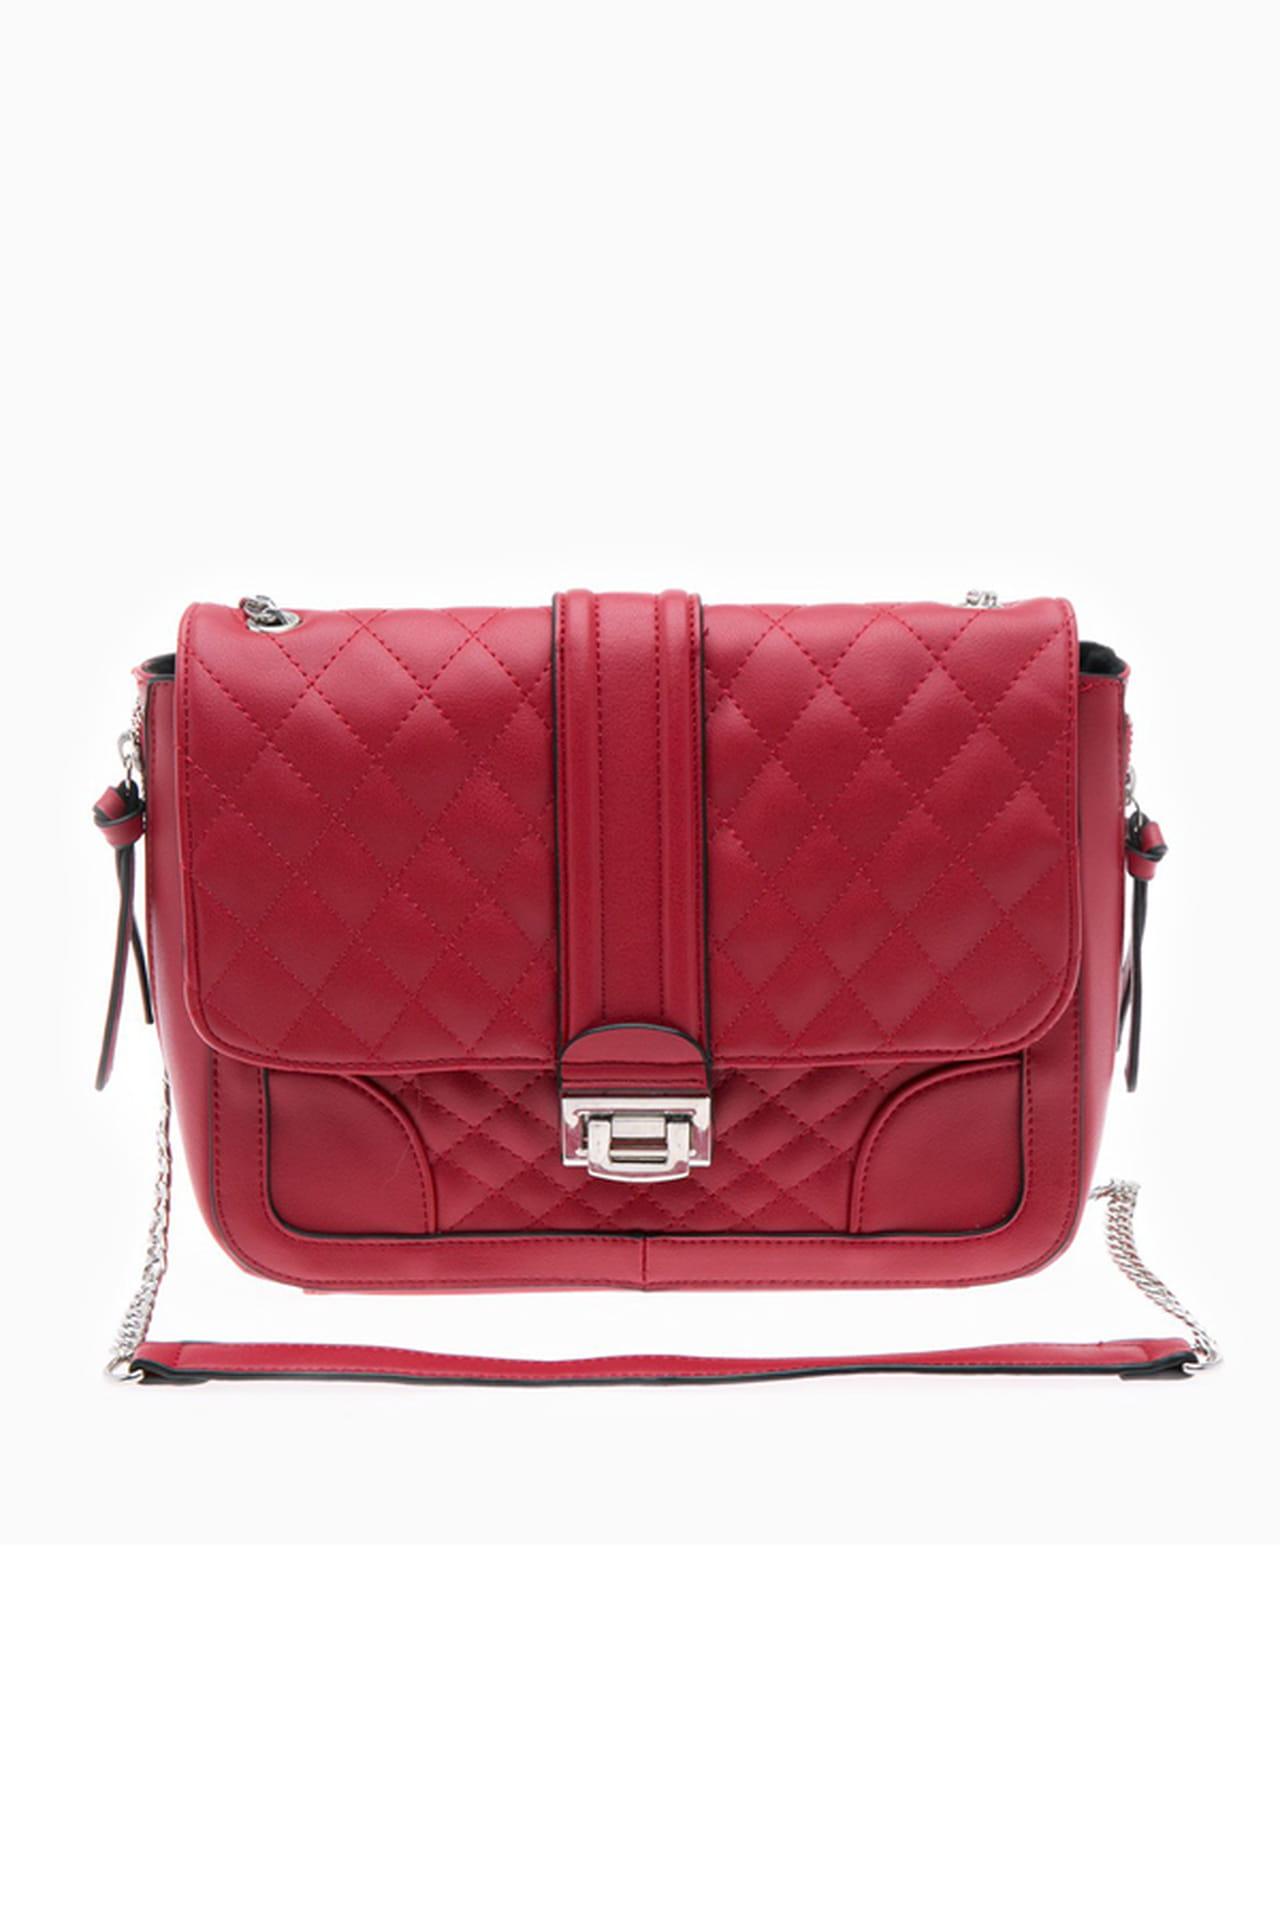 9456522707cf5 في الصورة شنطة دلو مزودة بحزام طويل من توقيع كالفن كلاين Calvin Klein.